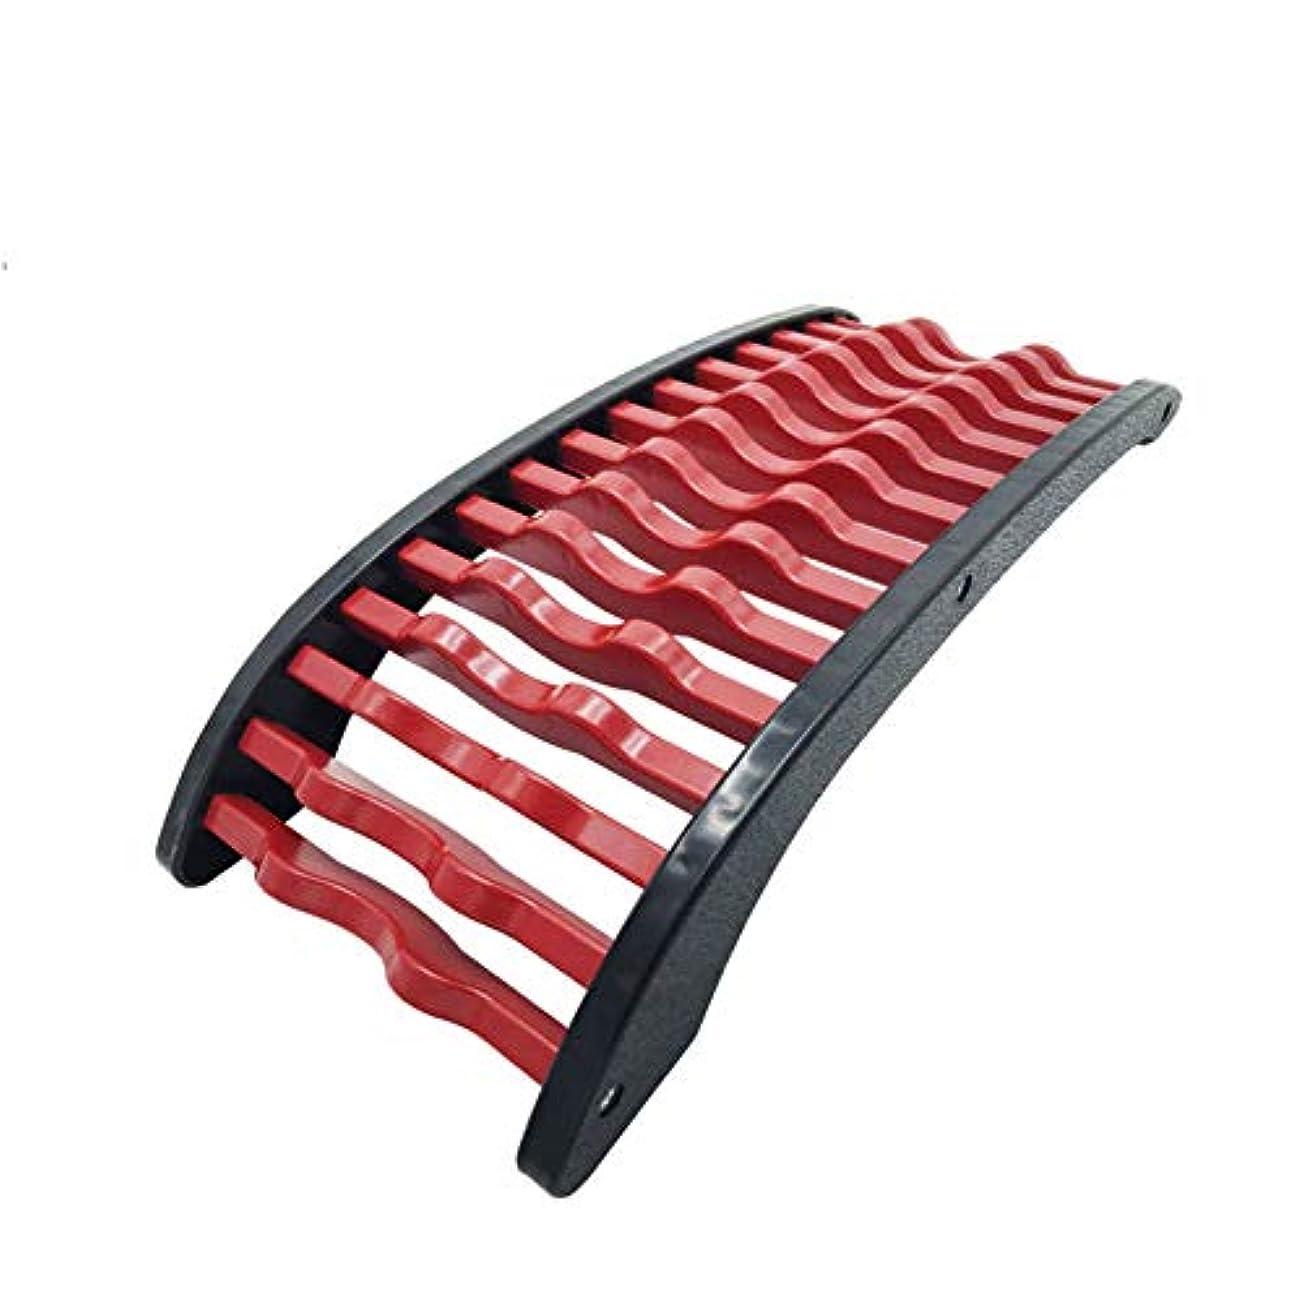 プレート労苦スライス腰椎矯正 弧状 引っ張り背筋が伸び マッサージ器 なだめるような ハンプバックランバーディスク家庭用